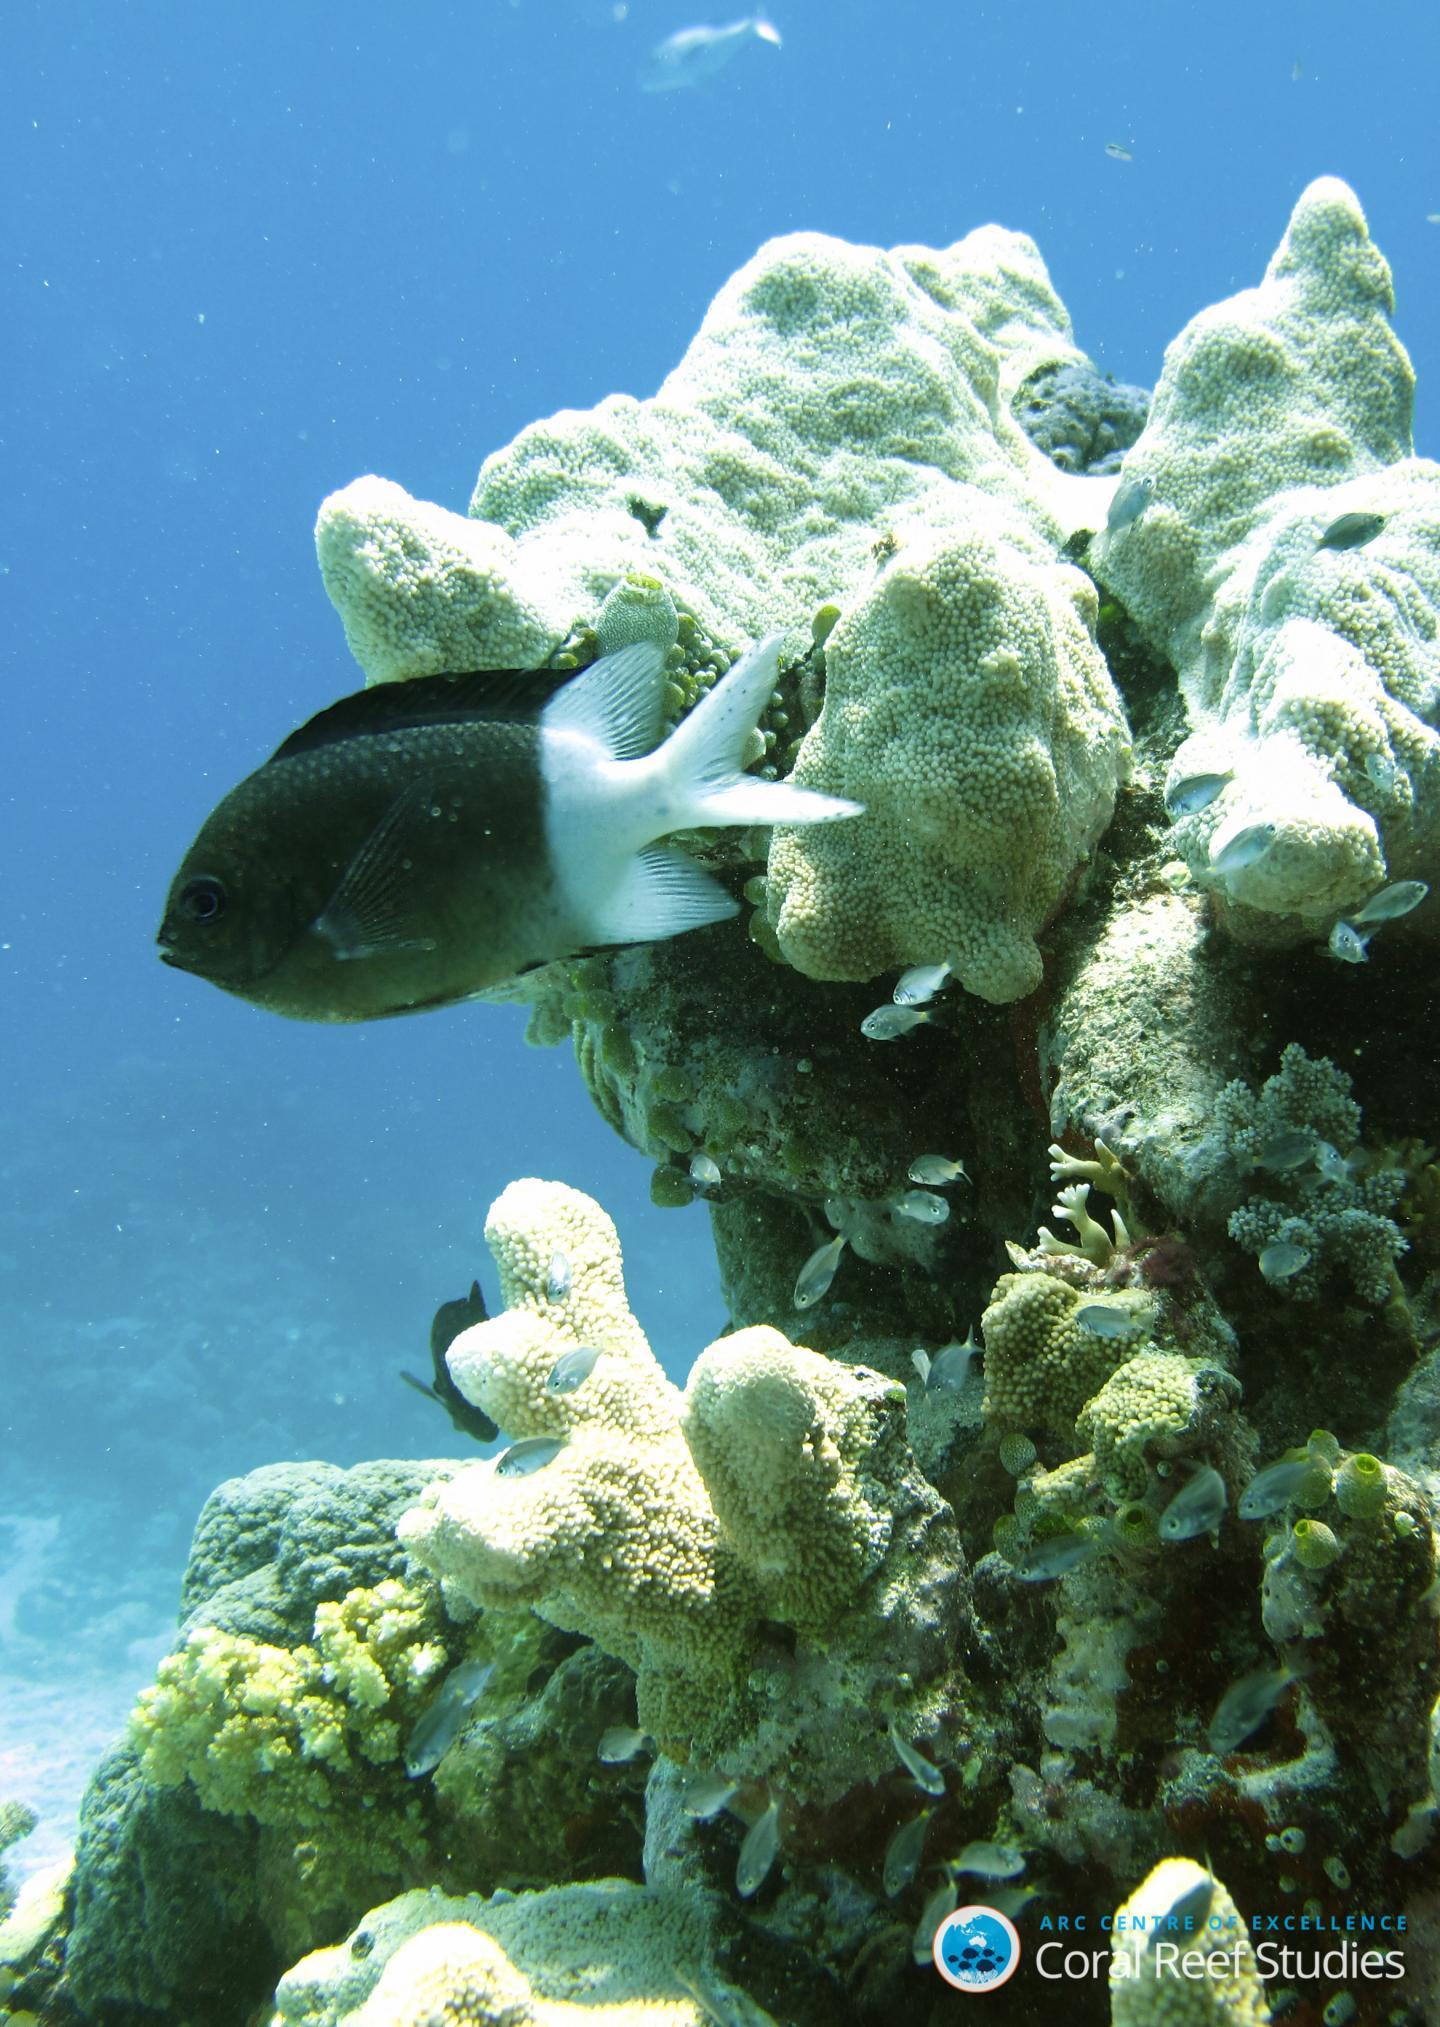 <i>Acanthochromis polyacanthus</i>/ Spiny Chromis